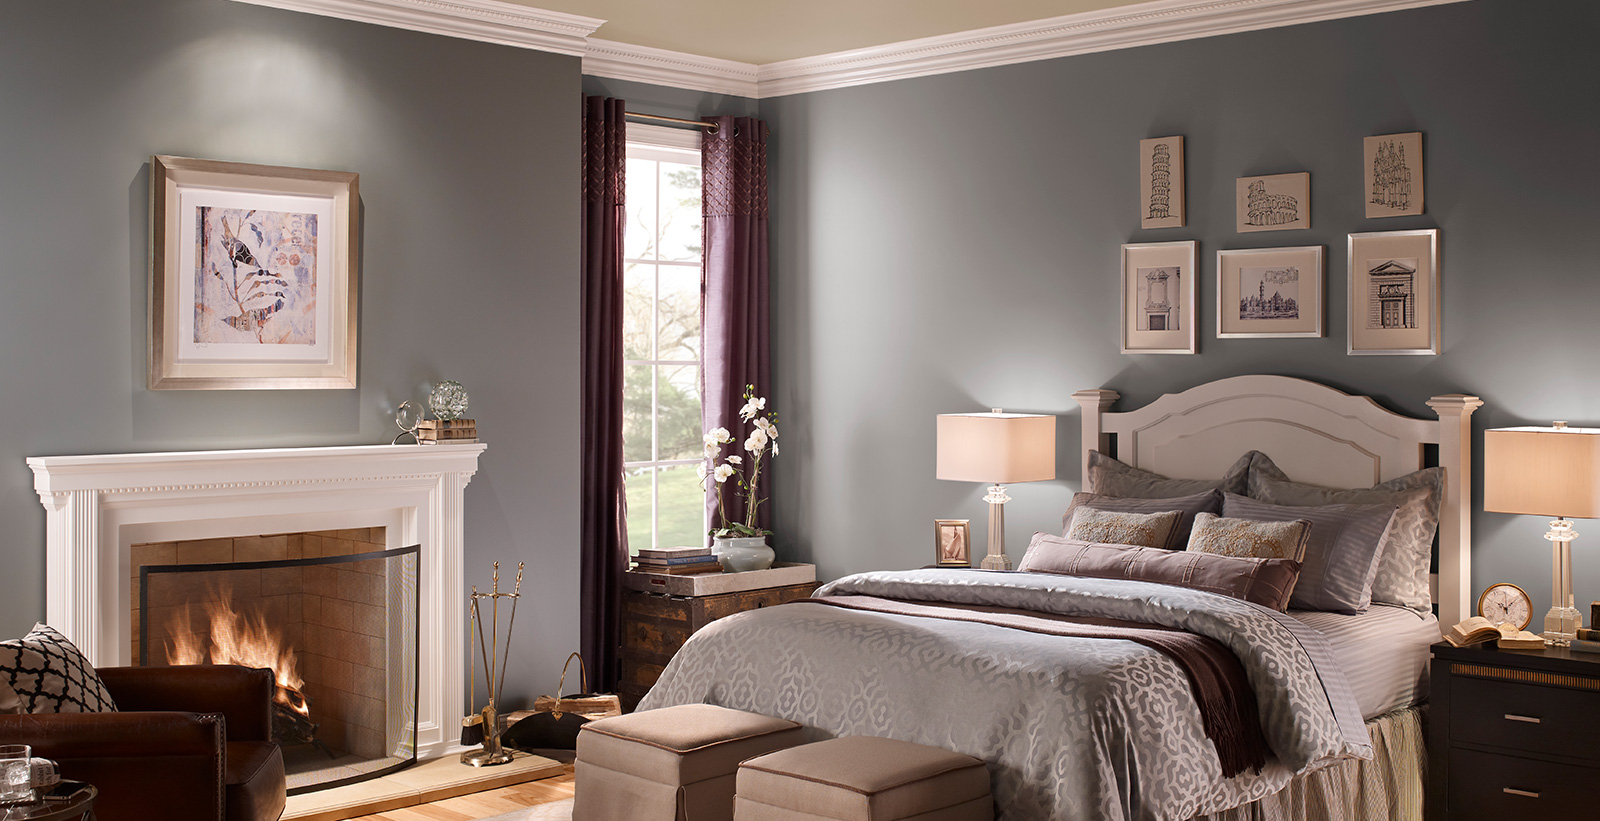 couleur apaisante pour la chambre a